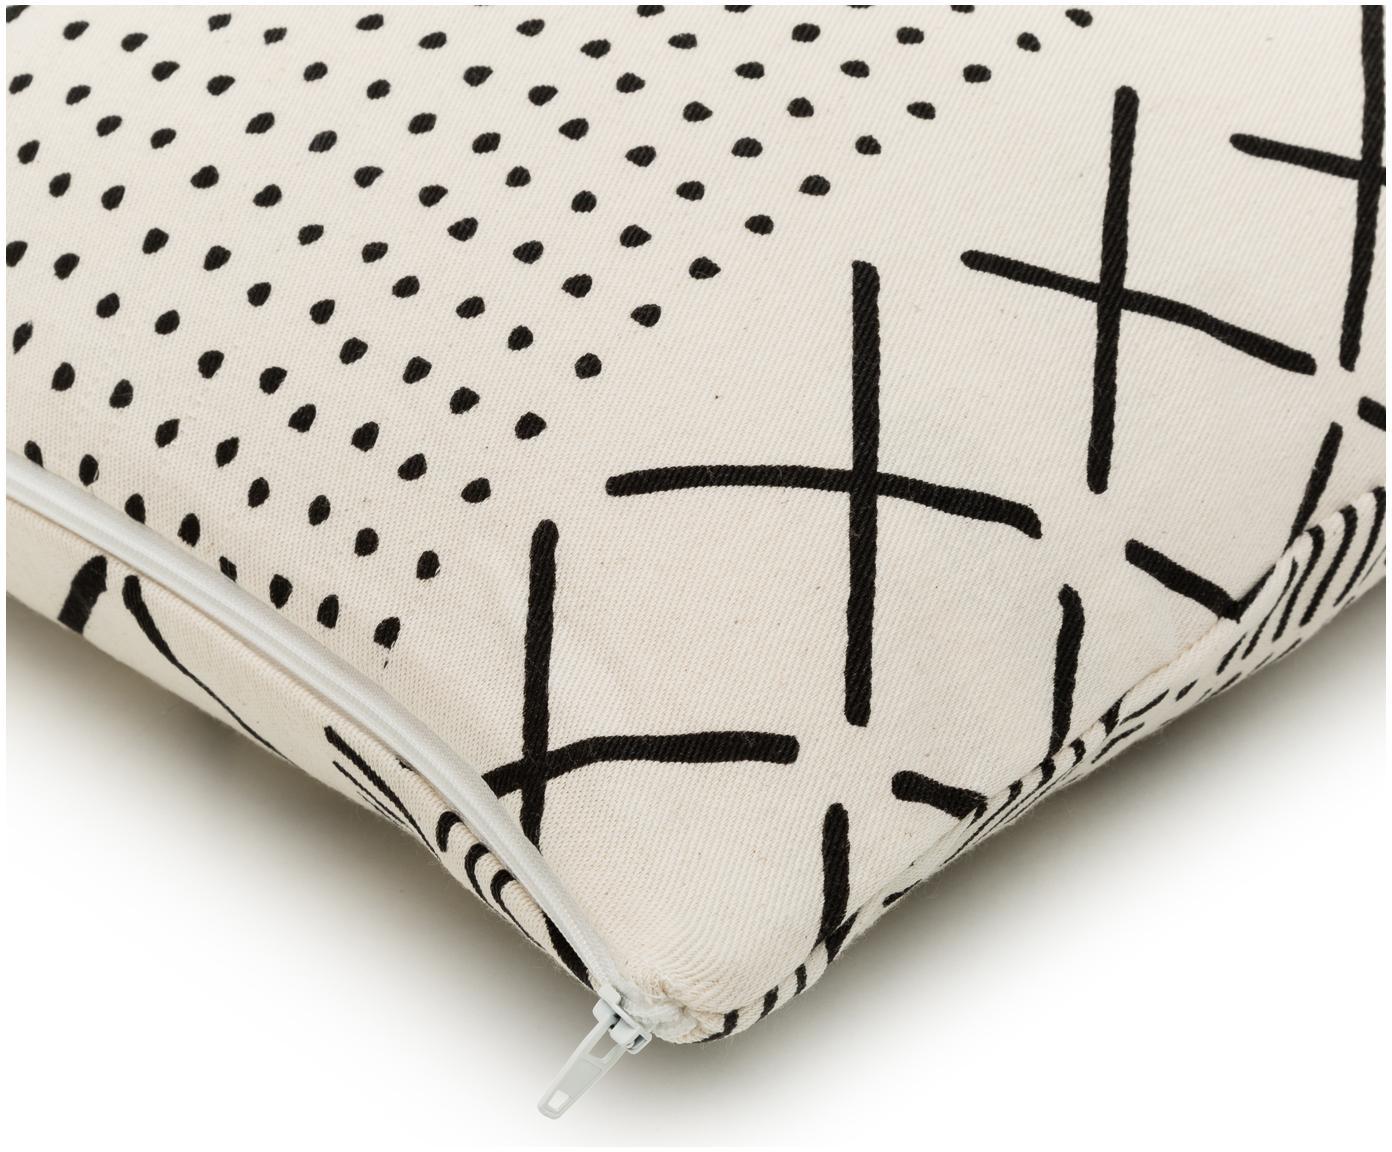 Kissenhülle Hekli mit grafischem Muster, Webart: Panama, Ecru, Schwarz, 40 x 40 cm